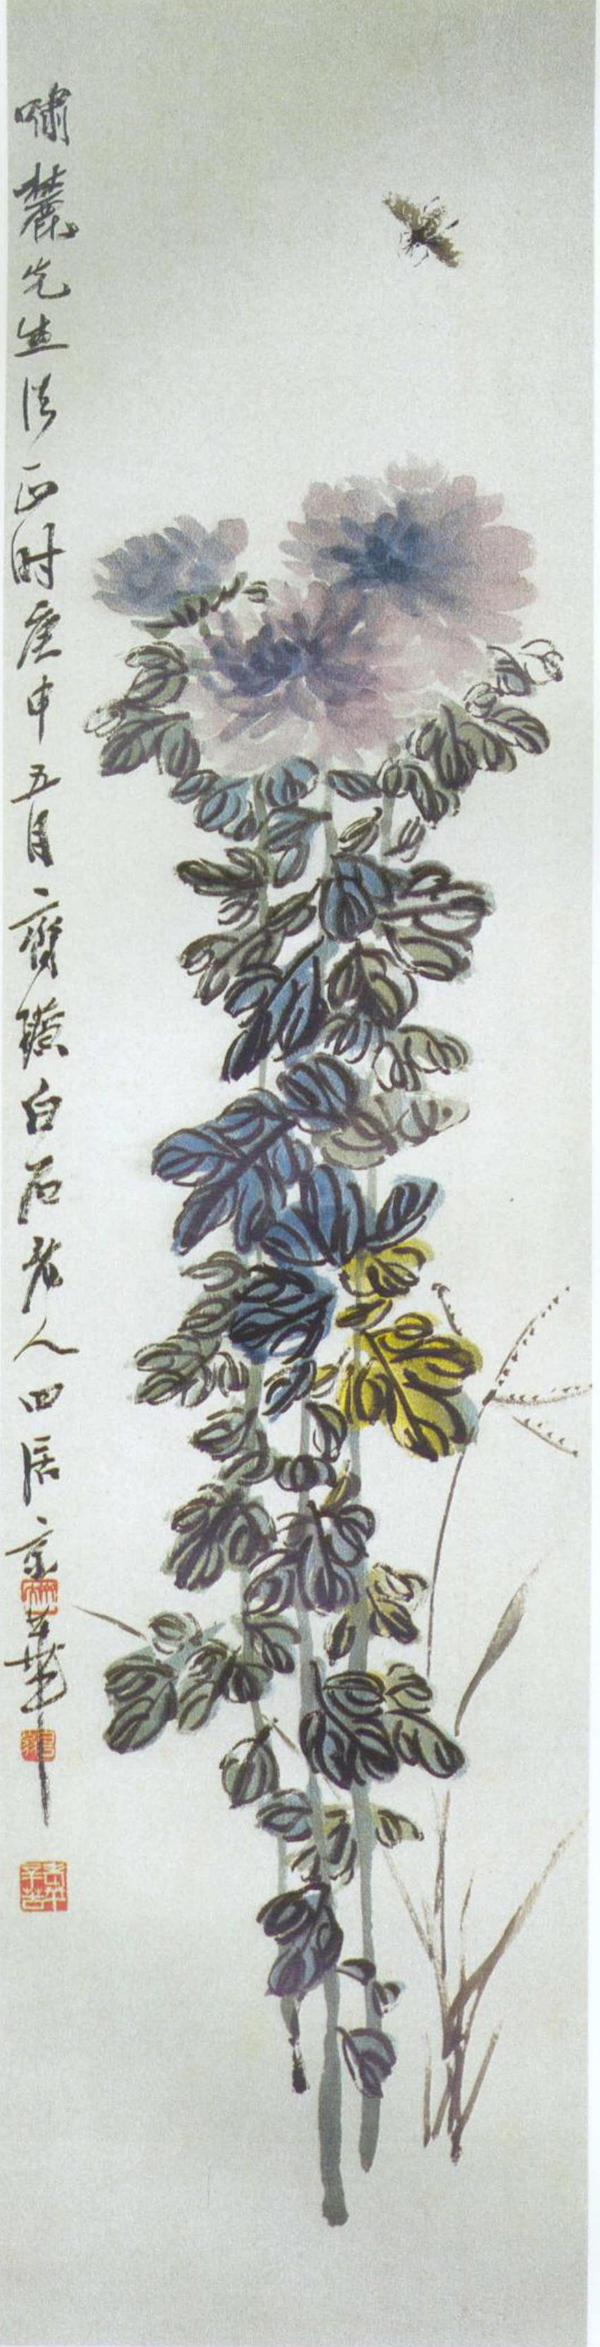 (图十六)齐白石,《花鸟草虫四屏》,纸本设色,1920年,荣宝斋藏